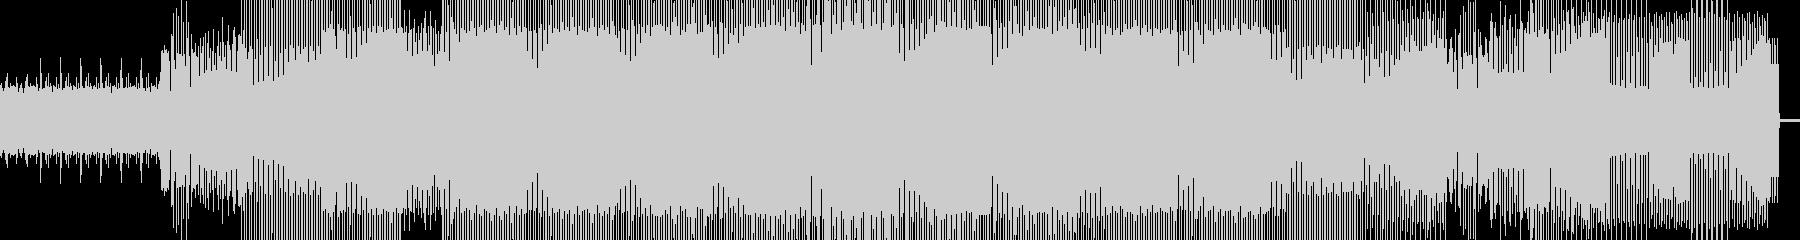 クラシックハウスのピアノスタイルの...の未再生の波形